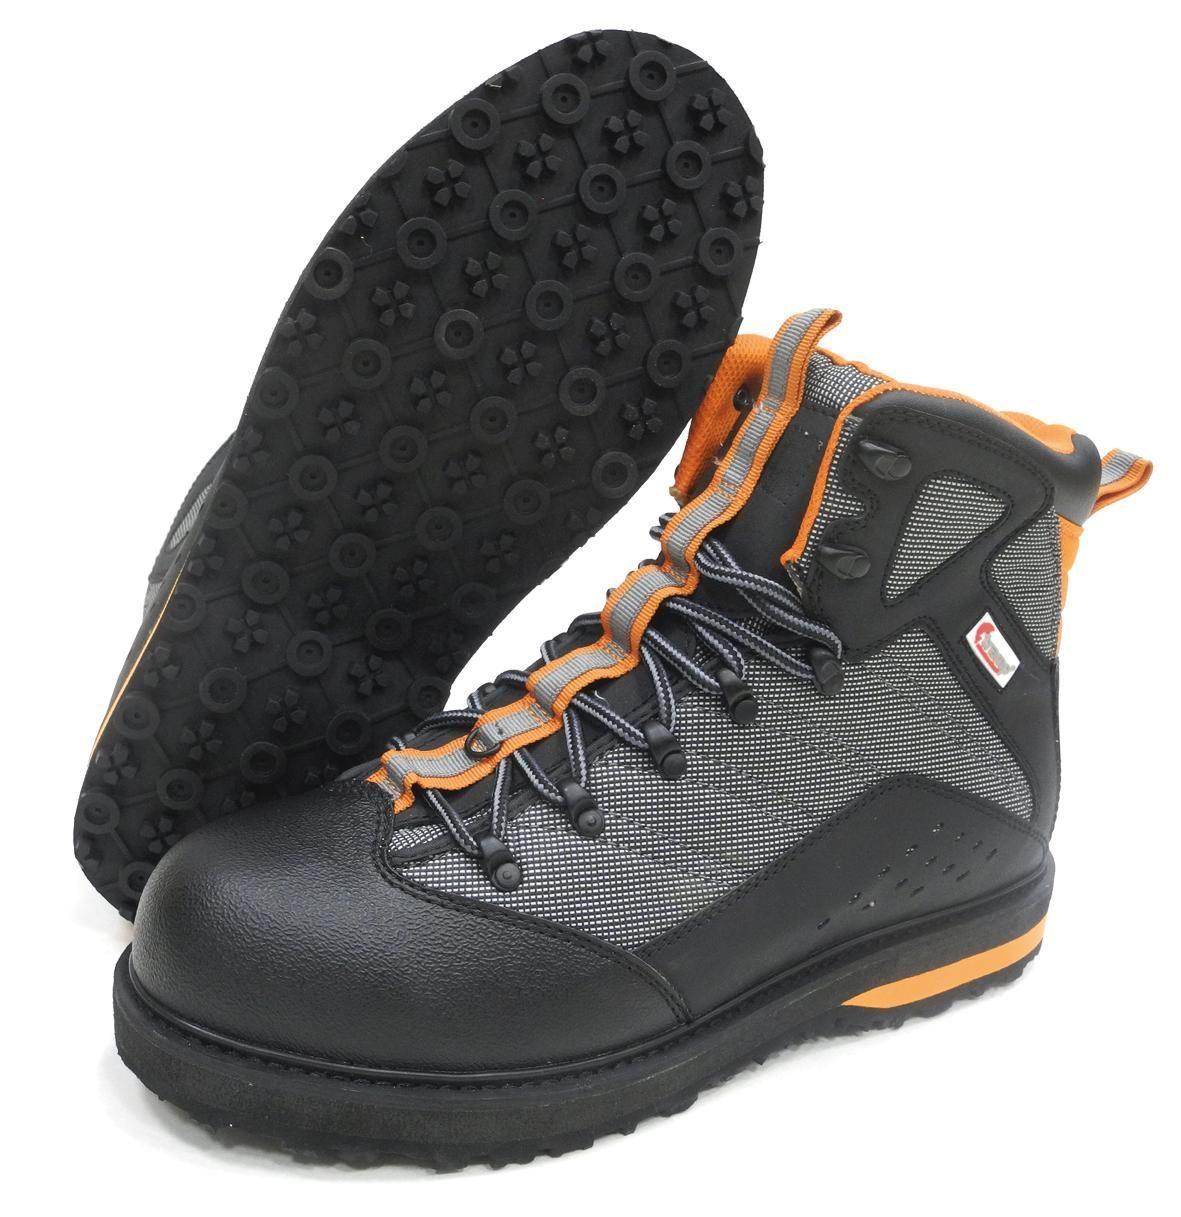 Ботинки забродные Tramp Angler 42